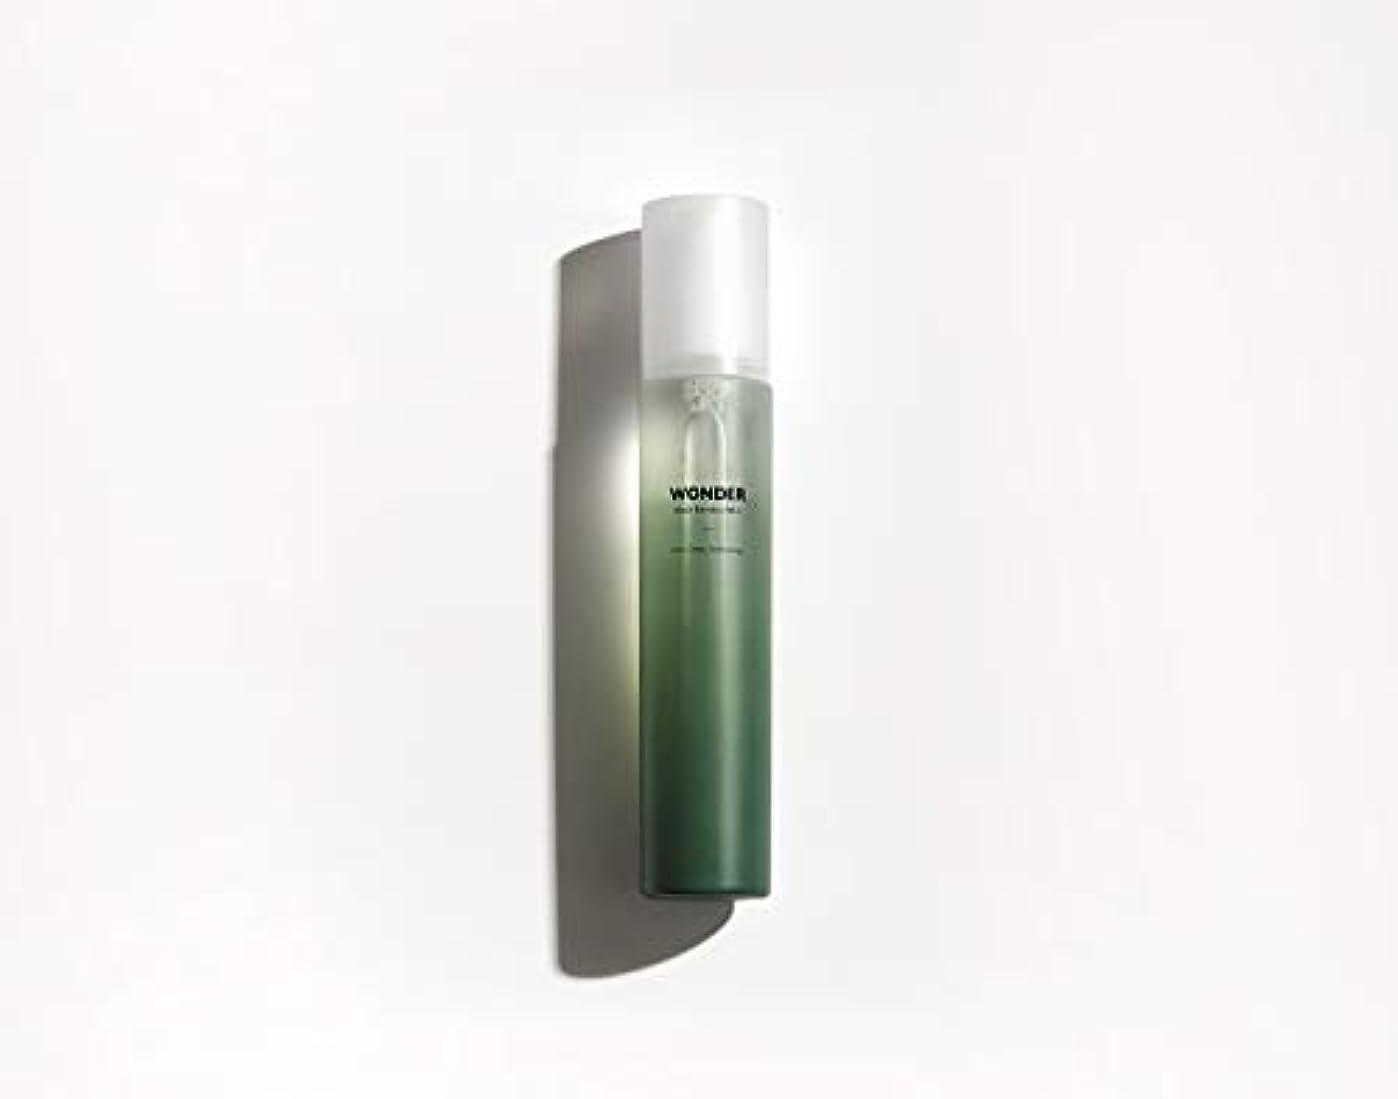 不完全な抑制テーブルHaruharu(ハルハル) ハルハルワンダー BBミスト 化粧水 6種の天然オイルの香り 150ml